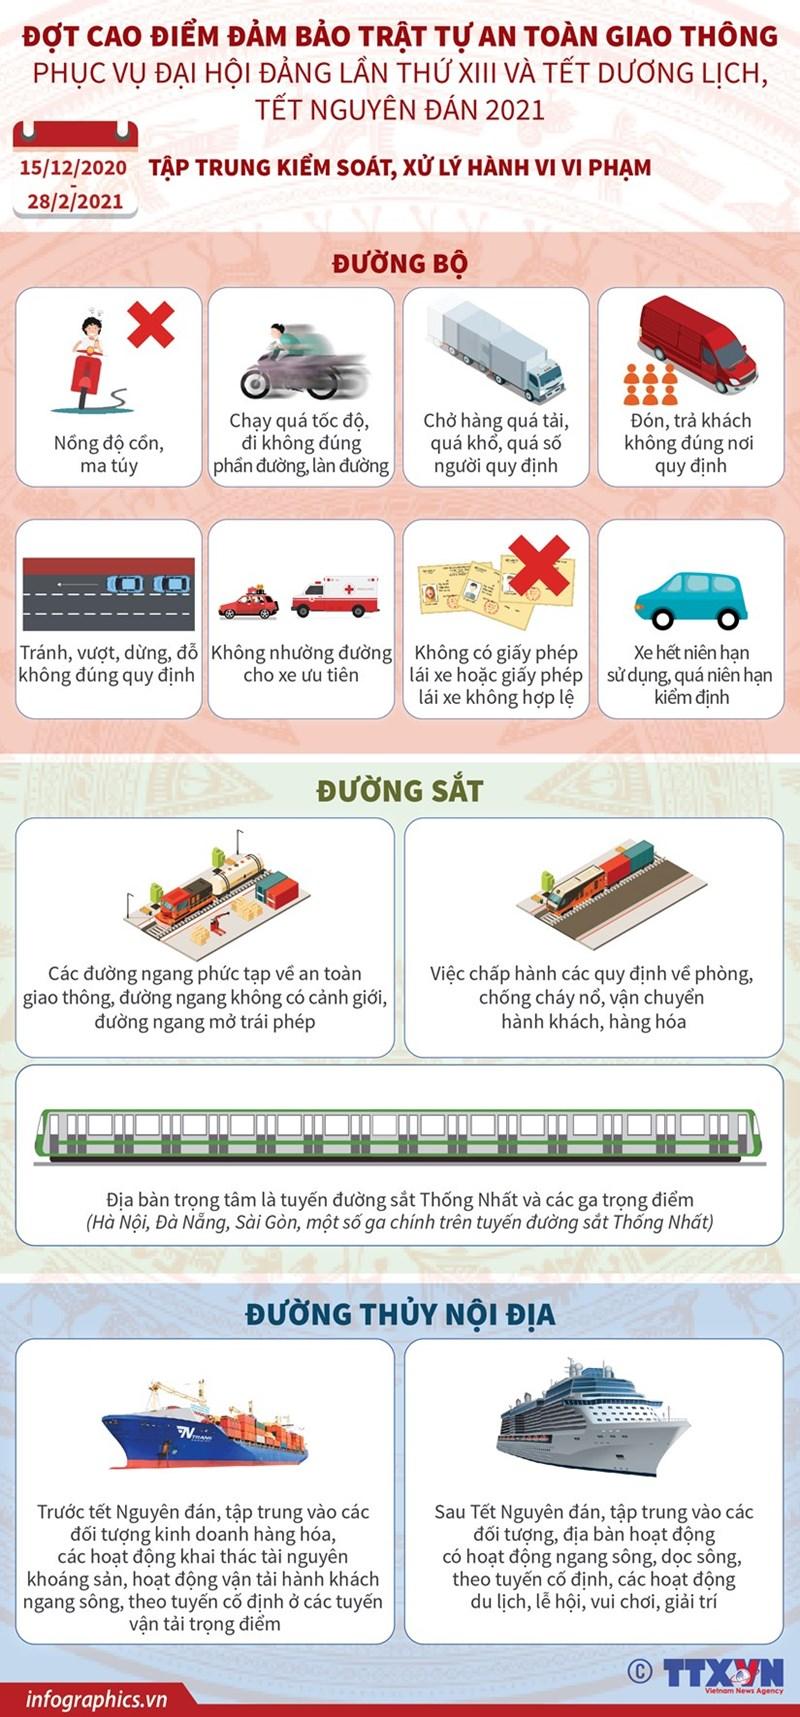 [Infographics] Đảm bảo trật tự an toàn giao thông phục vụ Đại hội Đảng - Ảnh 1